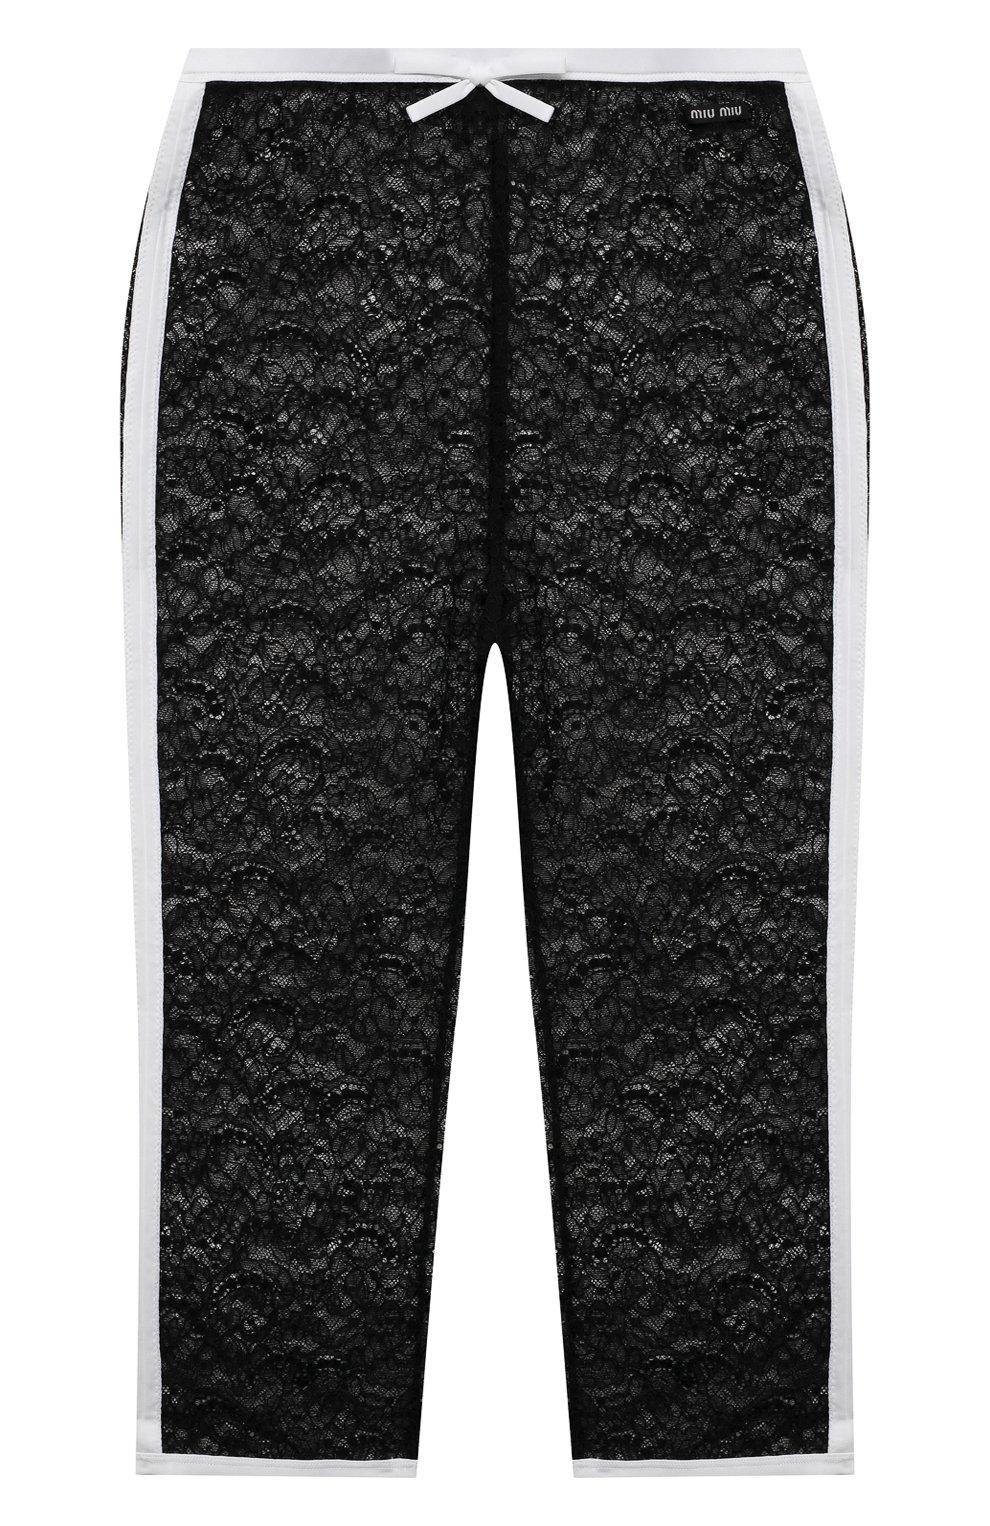 Женские шорты MIU MIU черного цвета, арт. MJP229-2W0-F0002 | Фото 1 (Женское Кросс-КТ: Шорты-одежда; Материал внешний: Синтетический материал; Длина Ж (юбки, платья, шорты): До колена; Стили: Романтичный)